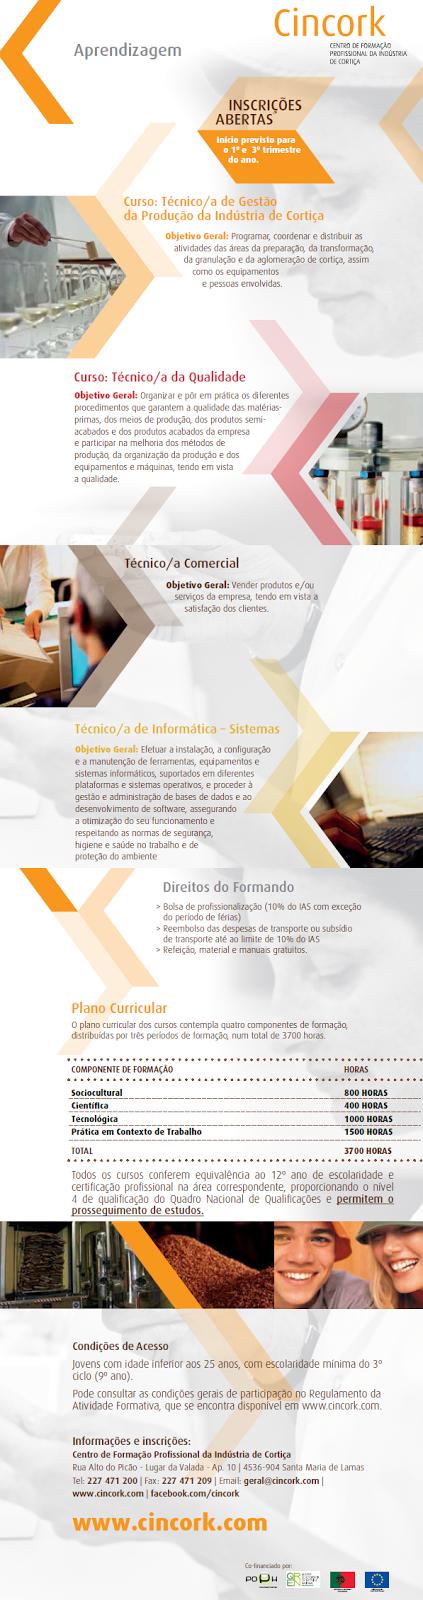 Cursos de aprendizagem co financiados para 2014 – Centro de Formação Profissional de Indústria de Cortiça (Santa Maria de Lamas)